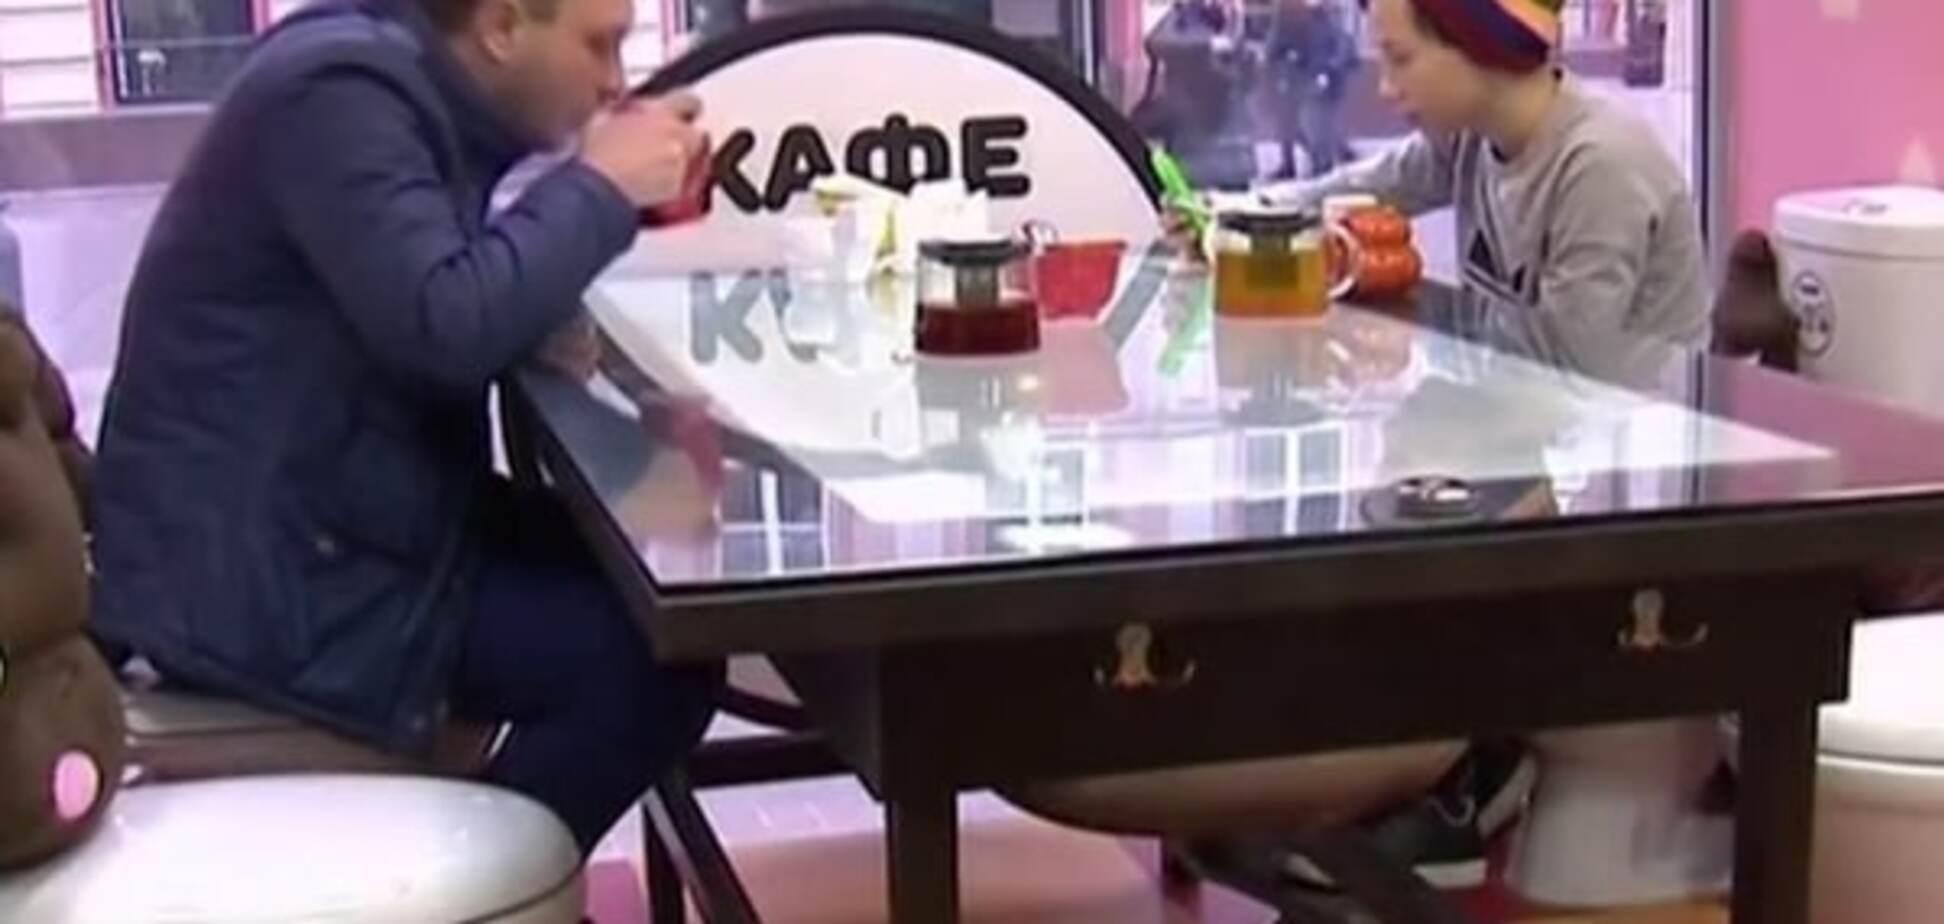 В центре Москвы люди сидят на унитазах и едят из туалетных горшков: видеофакт